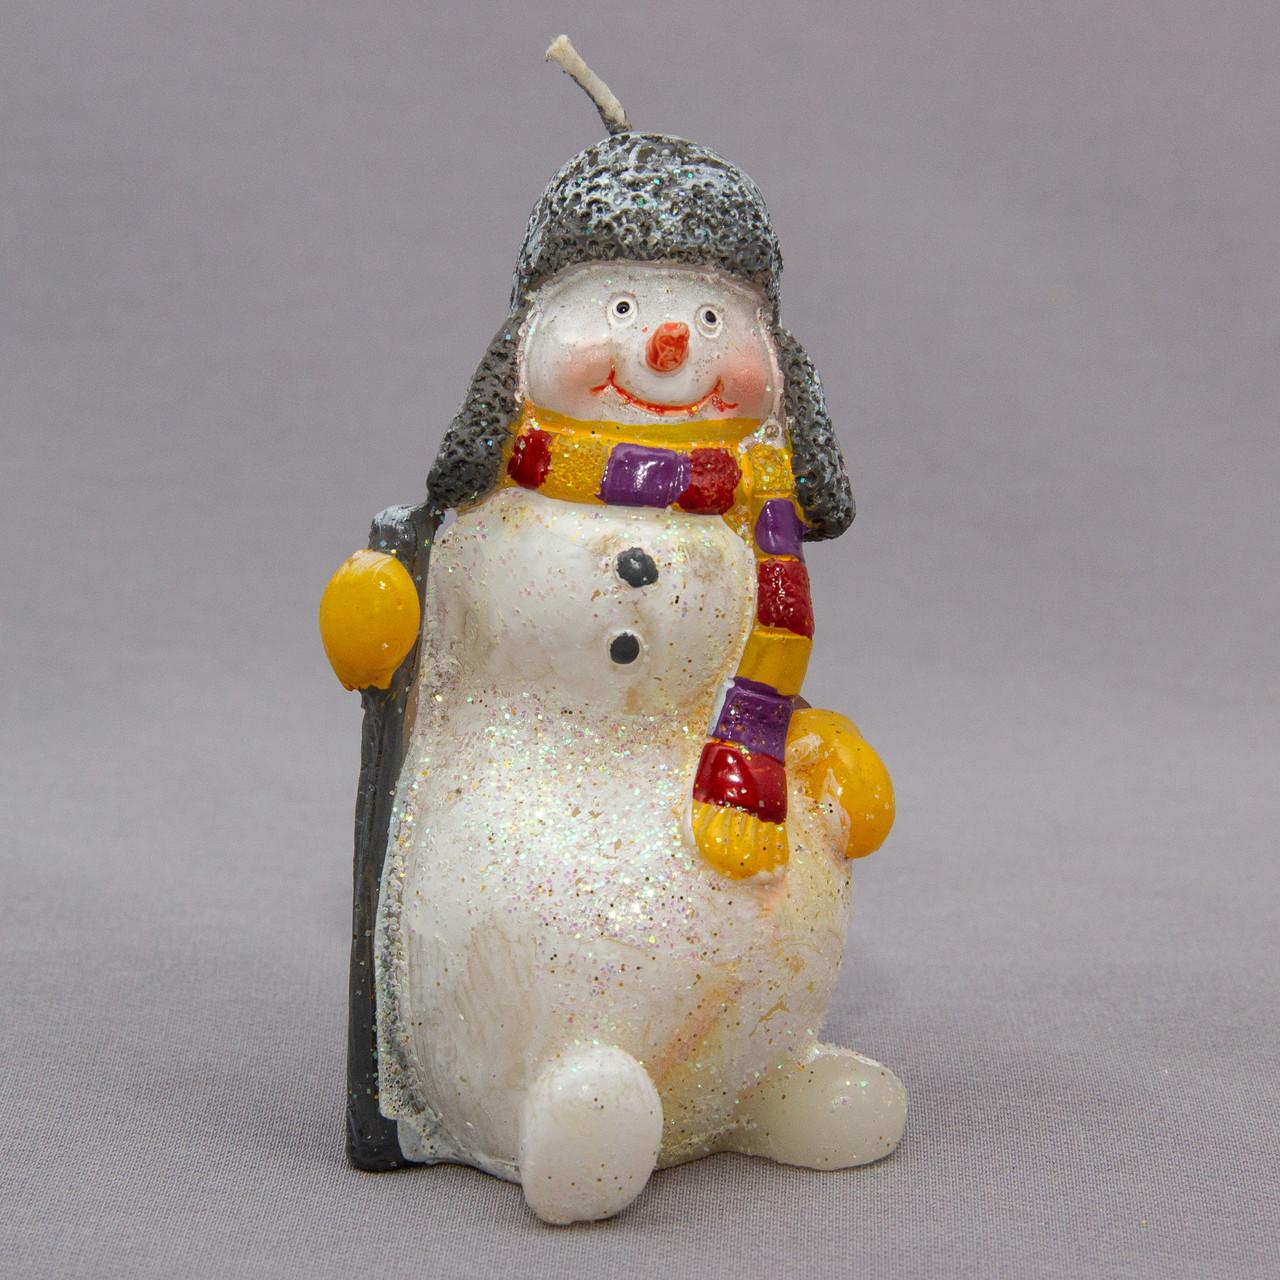 Свічка - Сніговик з посохом, 5,5*5,5*10 см, білий з сірим, віск (791880-1)